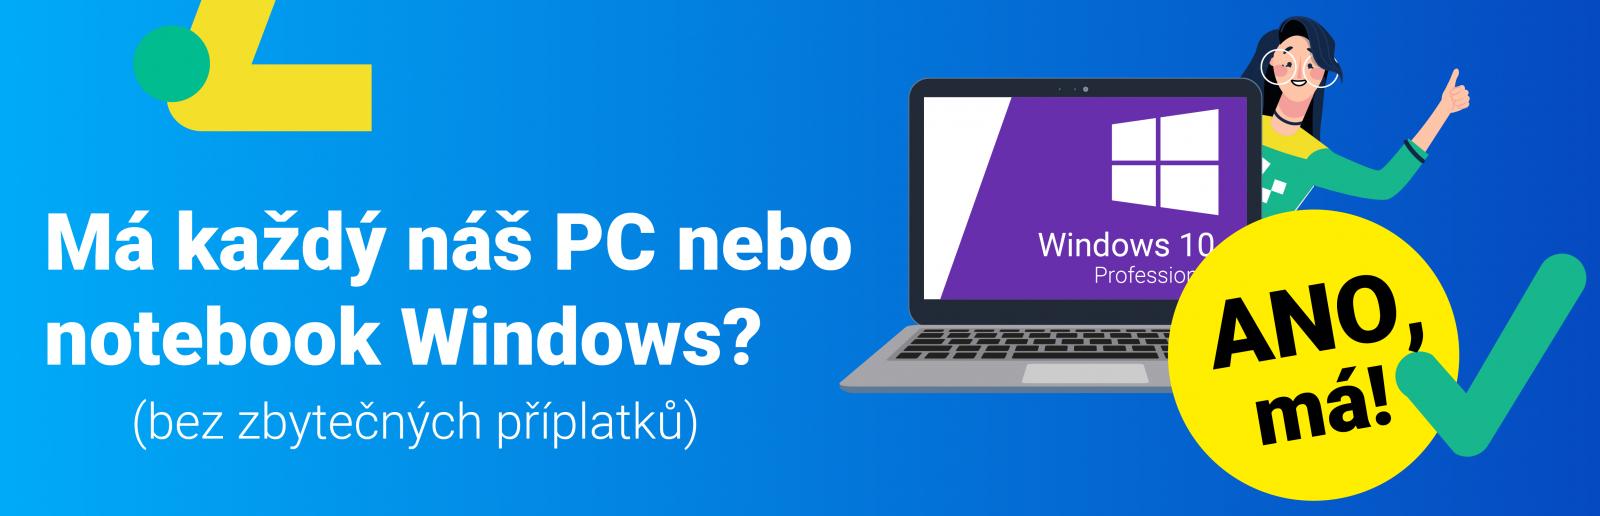 Má každý náš notebook nebo PC Windows? Ano, má!